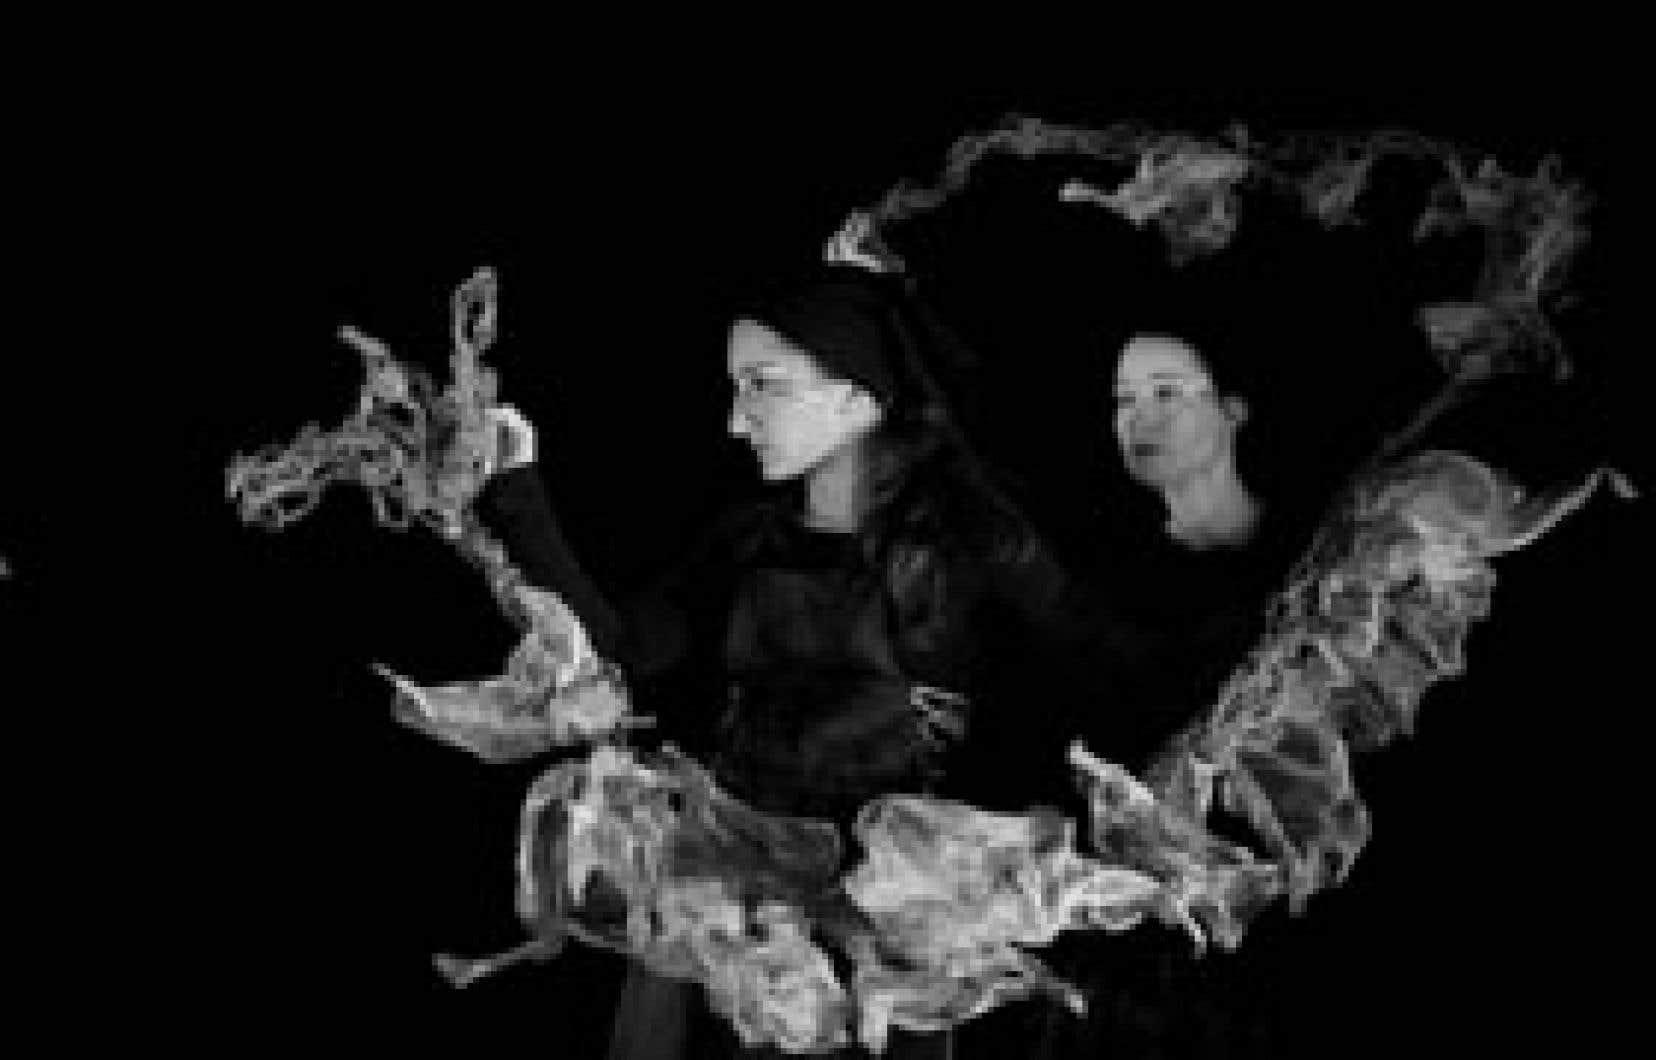 Fil de fées du Collectif Maât et du Domaine des possibles risque aussi d'en émerveiller plus d'un avec ses manipulations oniriques qui inventent des personnage avec des bouts de ficelle et de tissu. Photo: Mathieu Chartrand